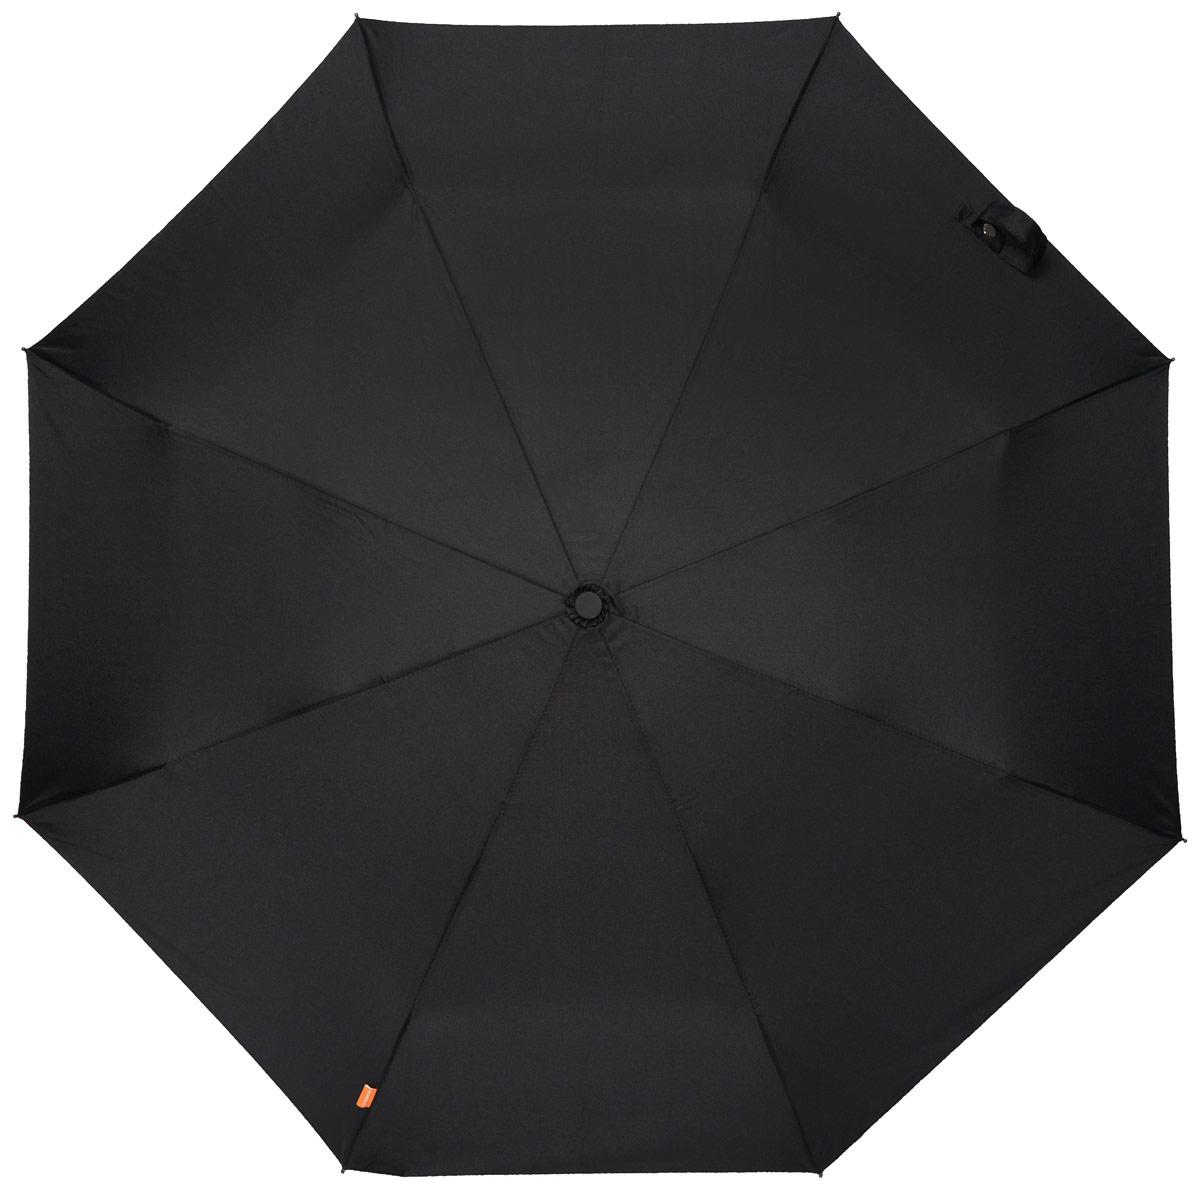 Зонт мужской Эврика Кастет, механика, 2 сложения, цвет: черный, золотой. 9620296202Оригинальный мужской зонт Эврика станет отличным подарком для вашего друга. Зонт состоит из восьми спиц и стержня, изготовленных из металла. Купол выполнен из качественного нейлона, который не пропускает воду. Изделие имеет механический способ сложения: и купол, и стержень открываются и закрываются вручную до характерного щелчка. Ручка, изготовленная из пластика, выполнена в виде кастета. К зонту прилагается чехол, который закрывается на кнопку. Этот зонт вызовет восторг не только у вас, но и у окружающих.